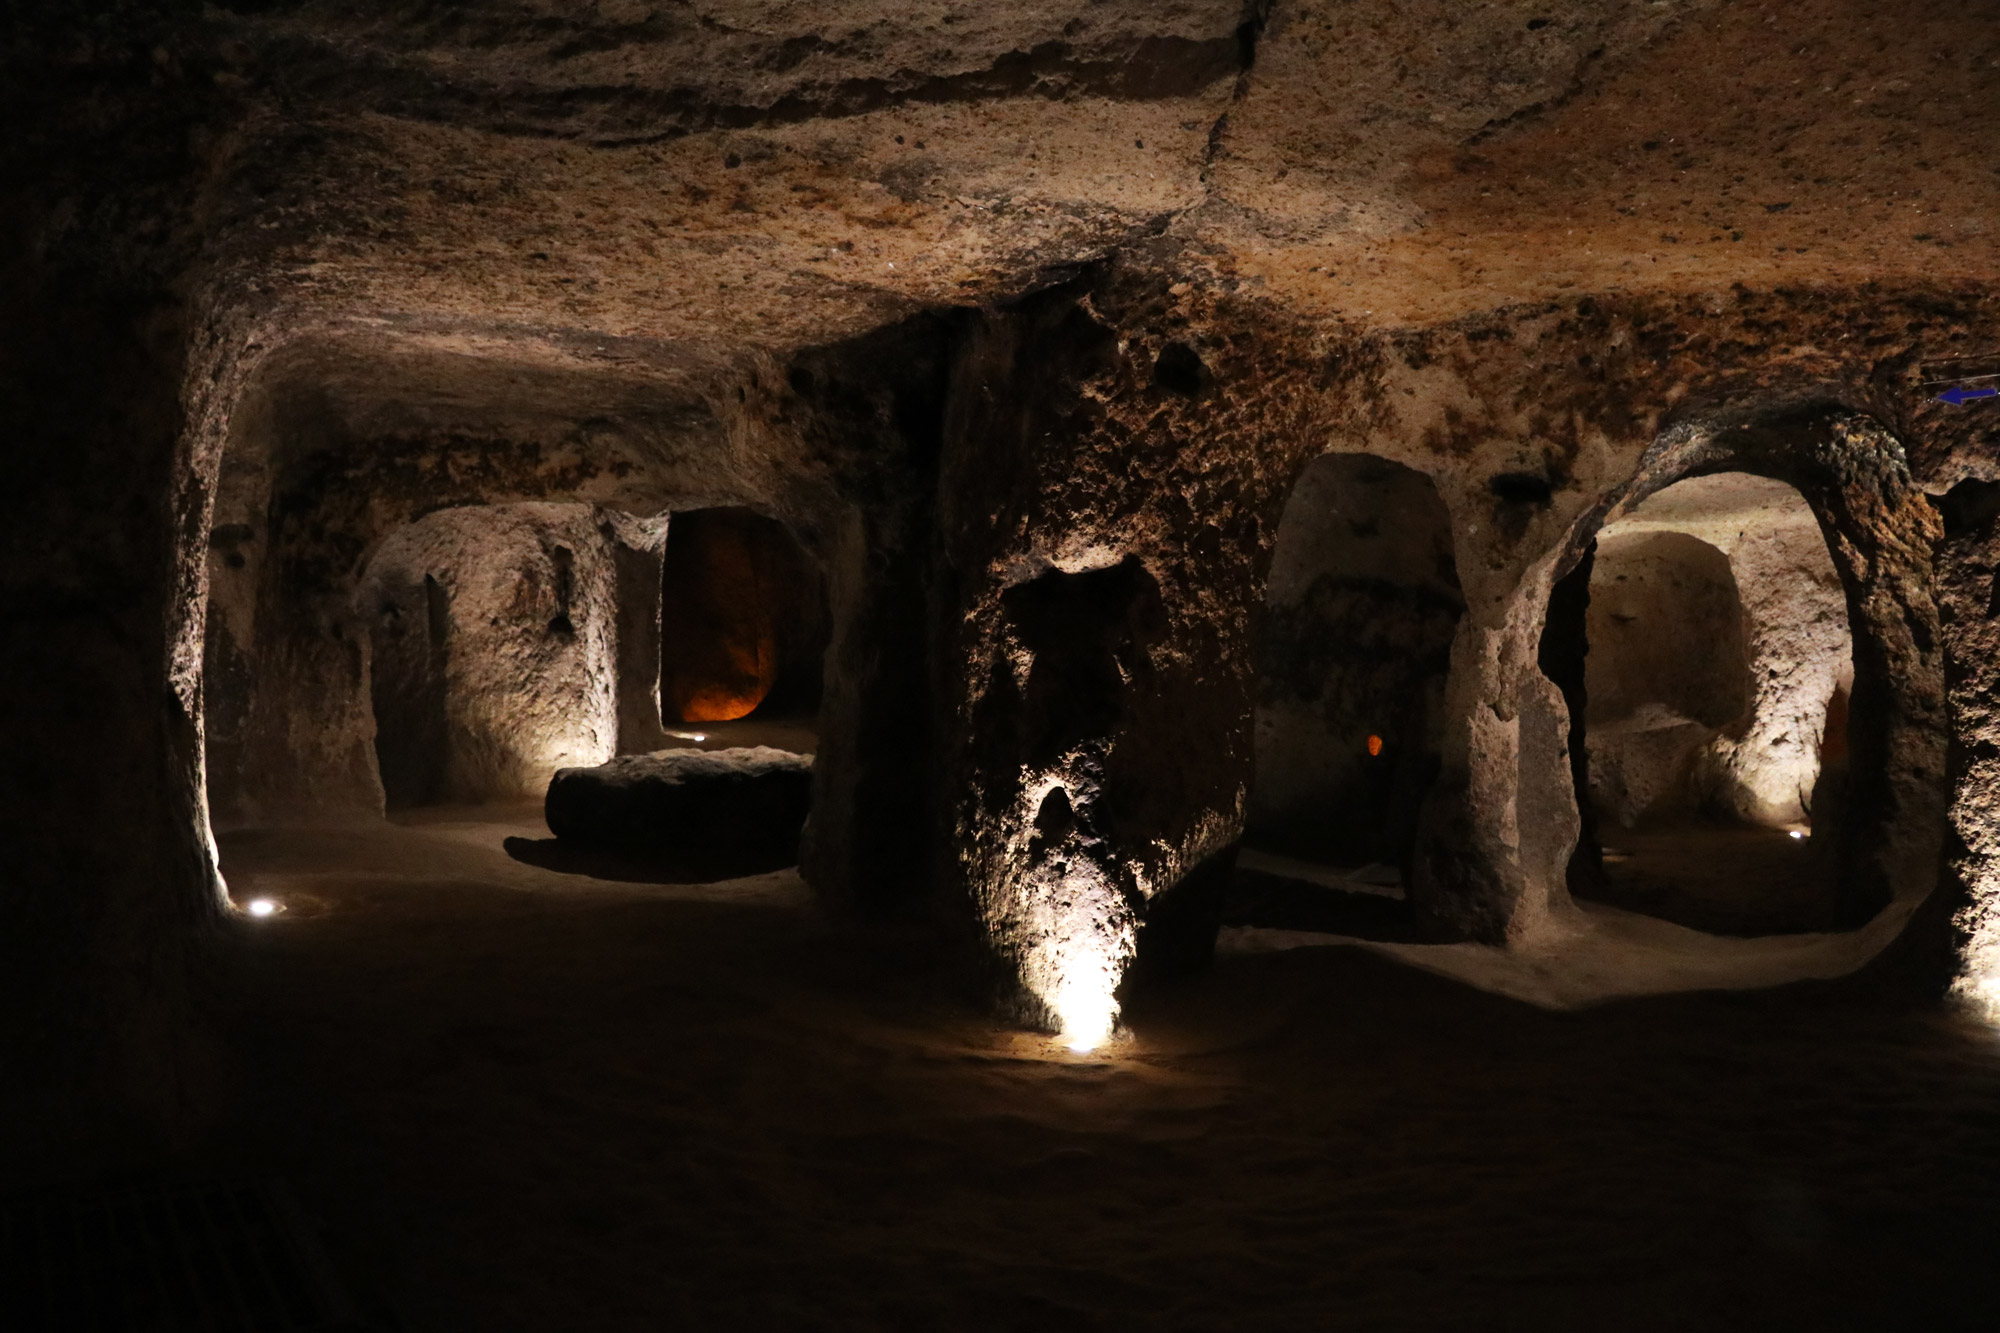 Turkije reisverslag: Laatste dag in Cappadocië - Ondergrondse stad van Kaymakli